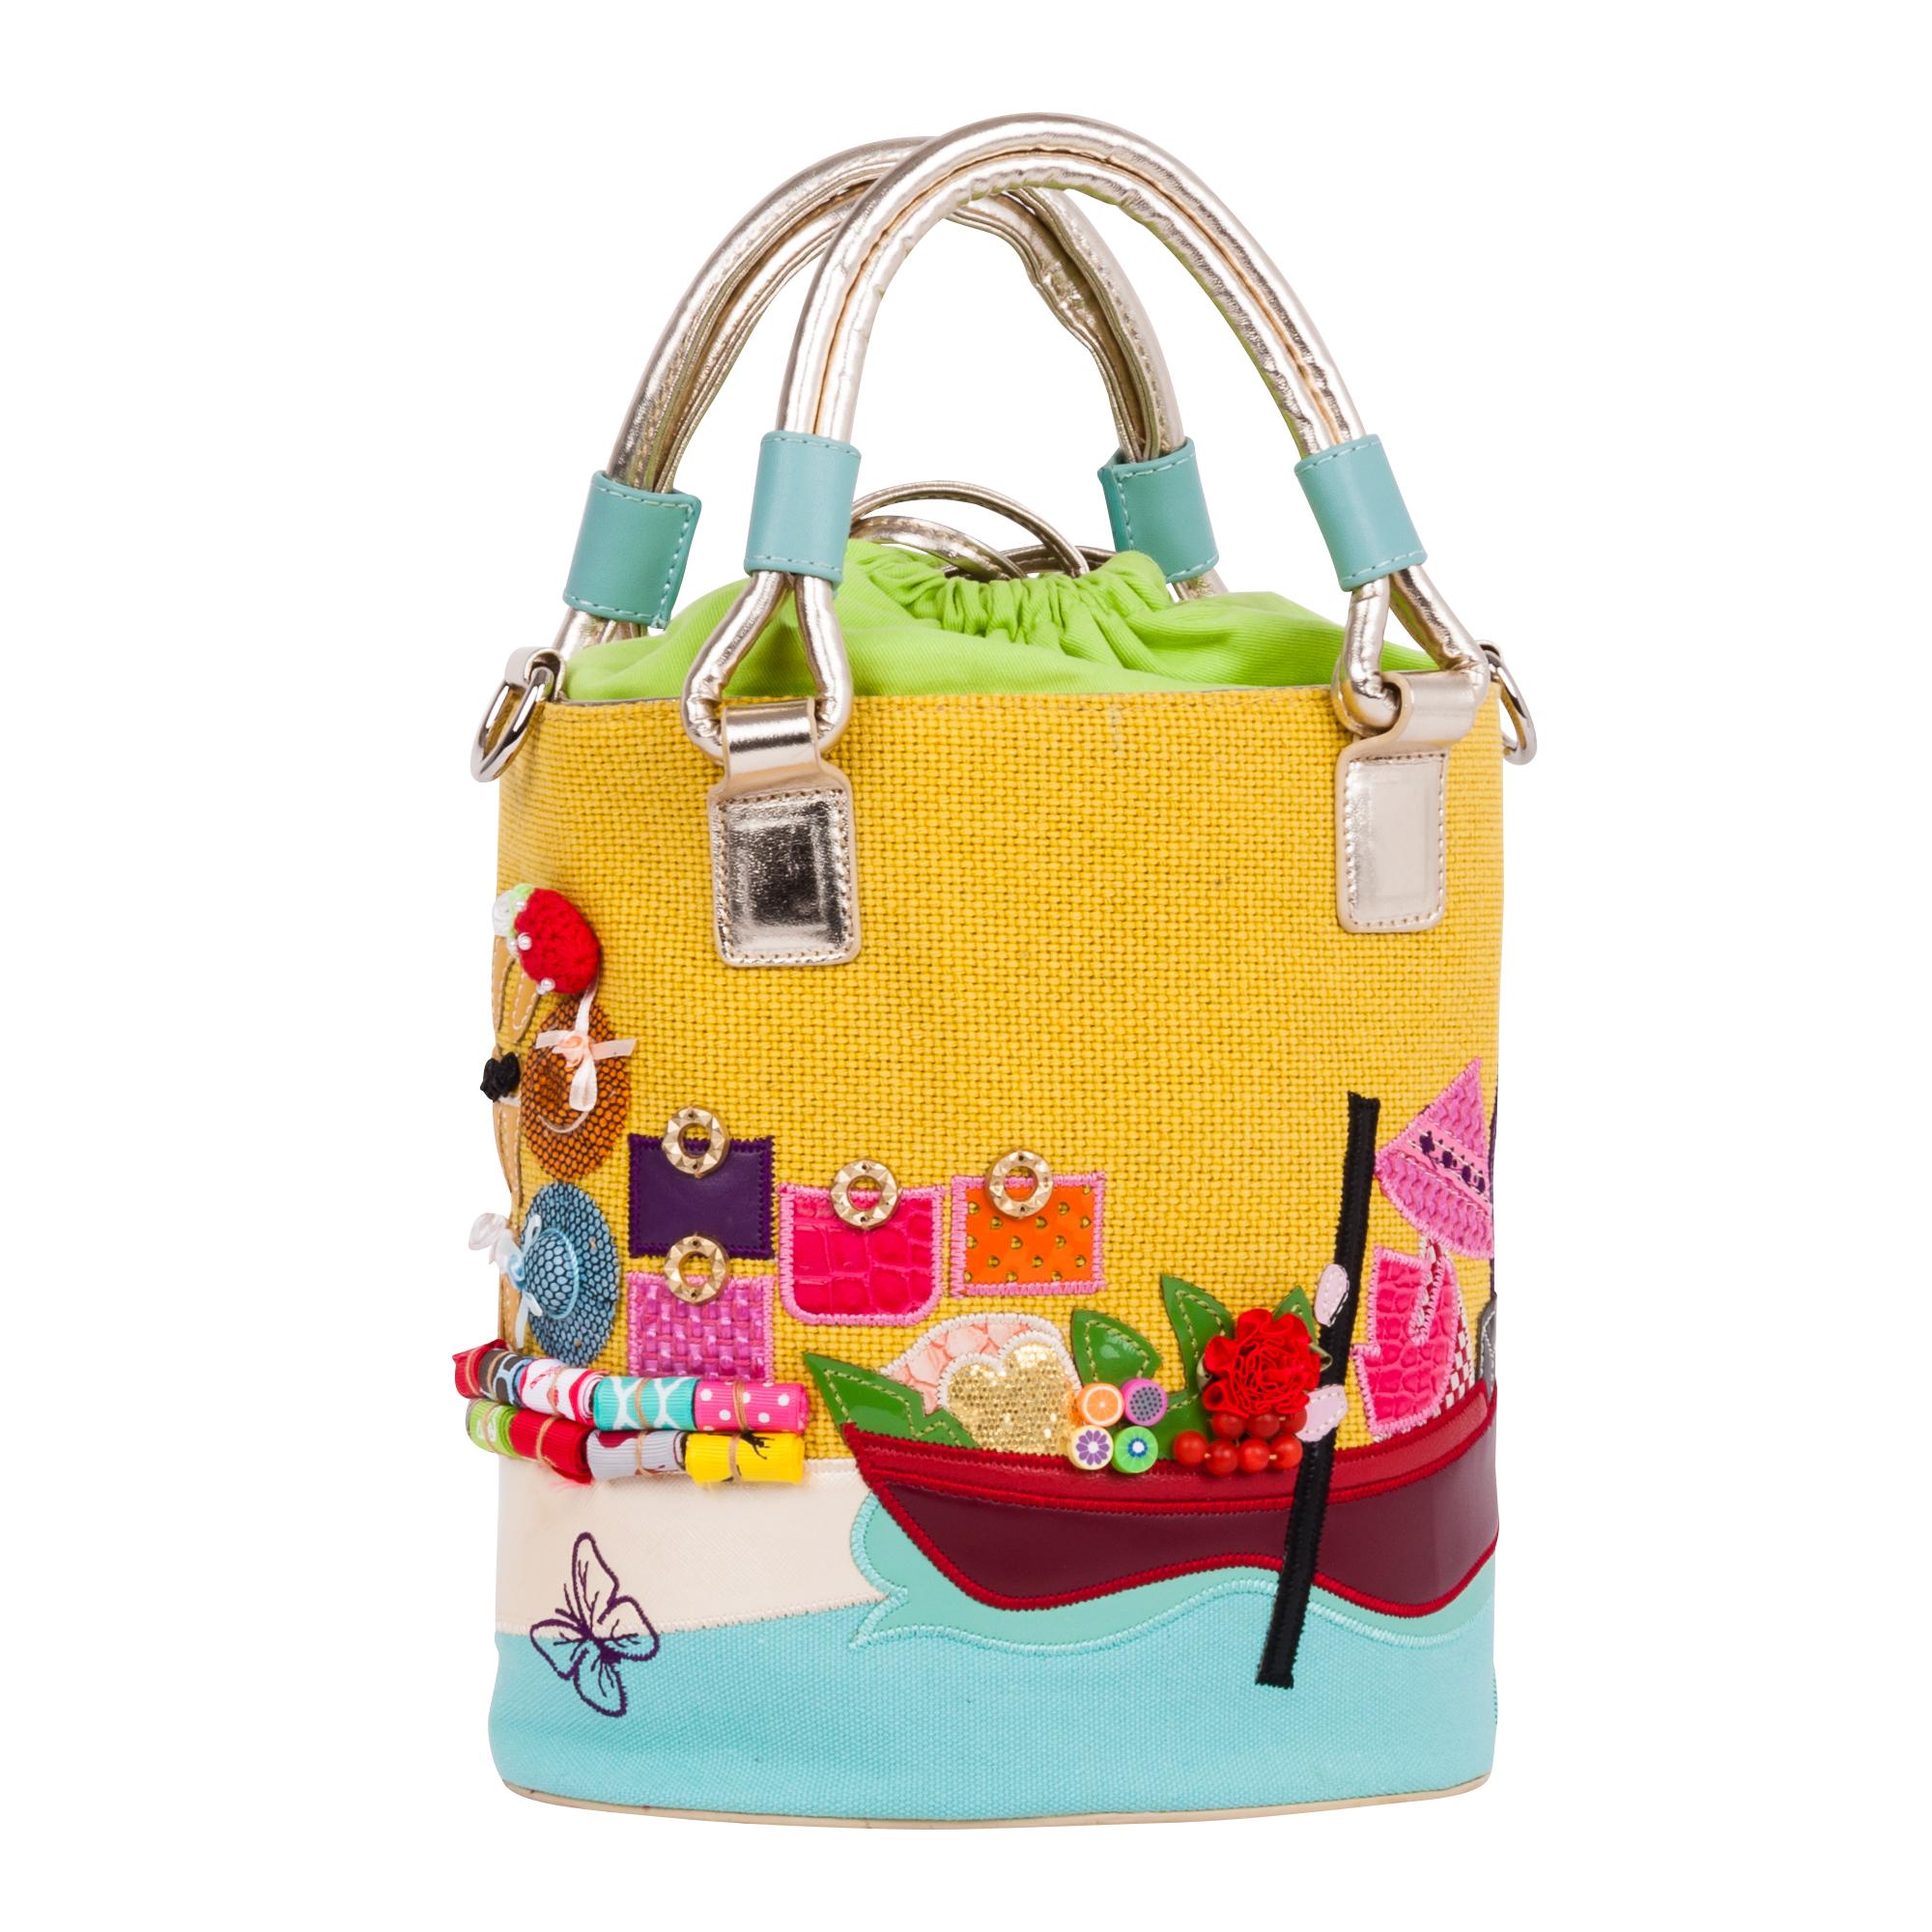 Акция на сумки Pola